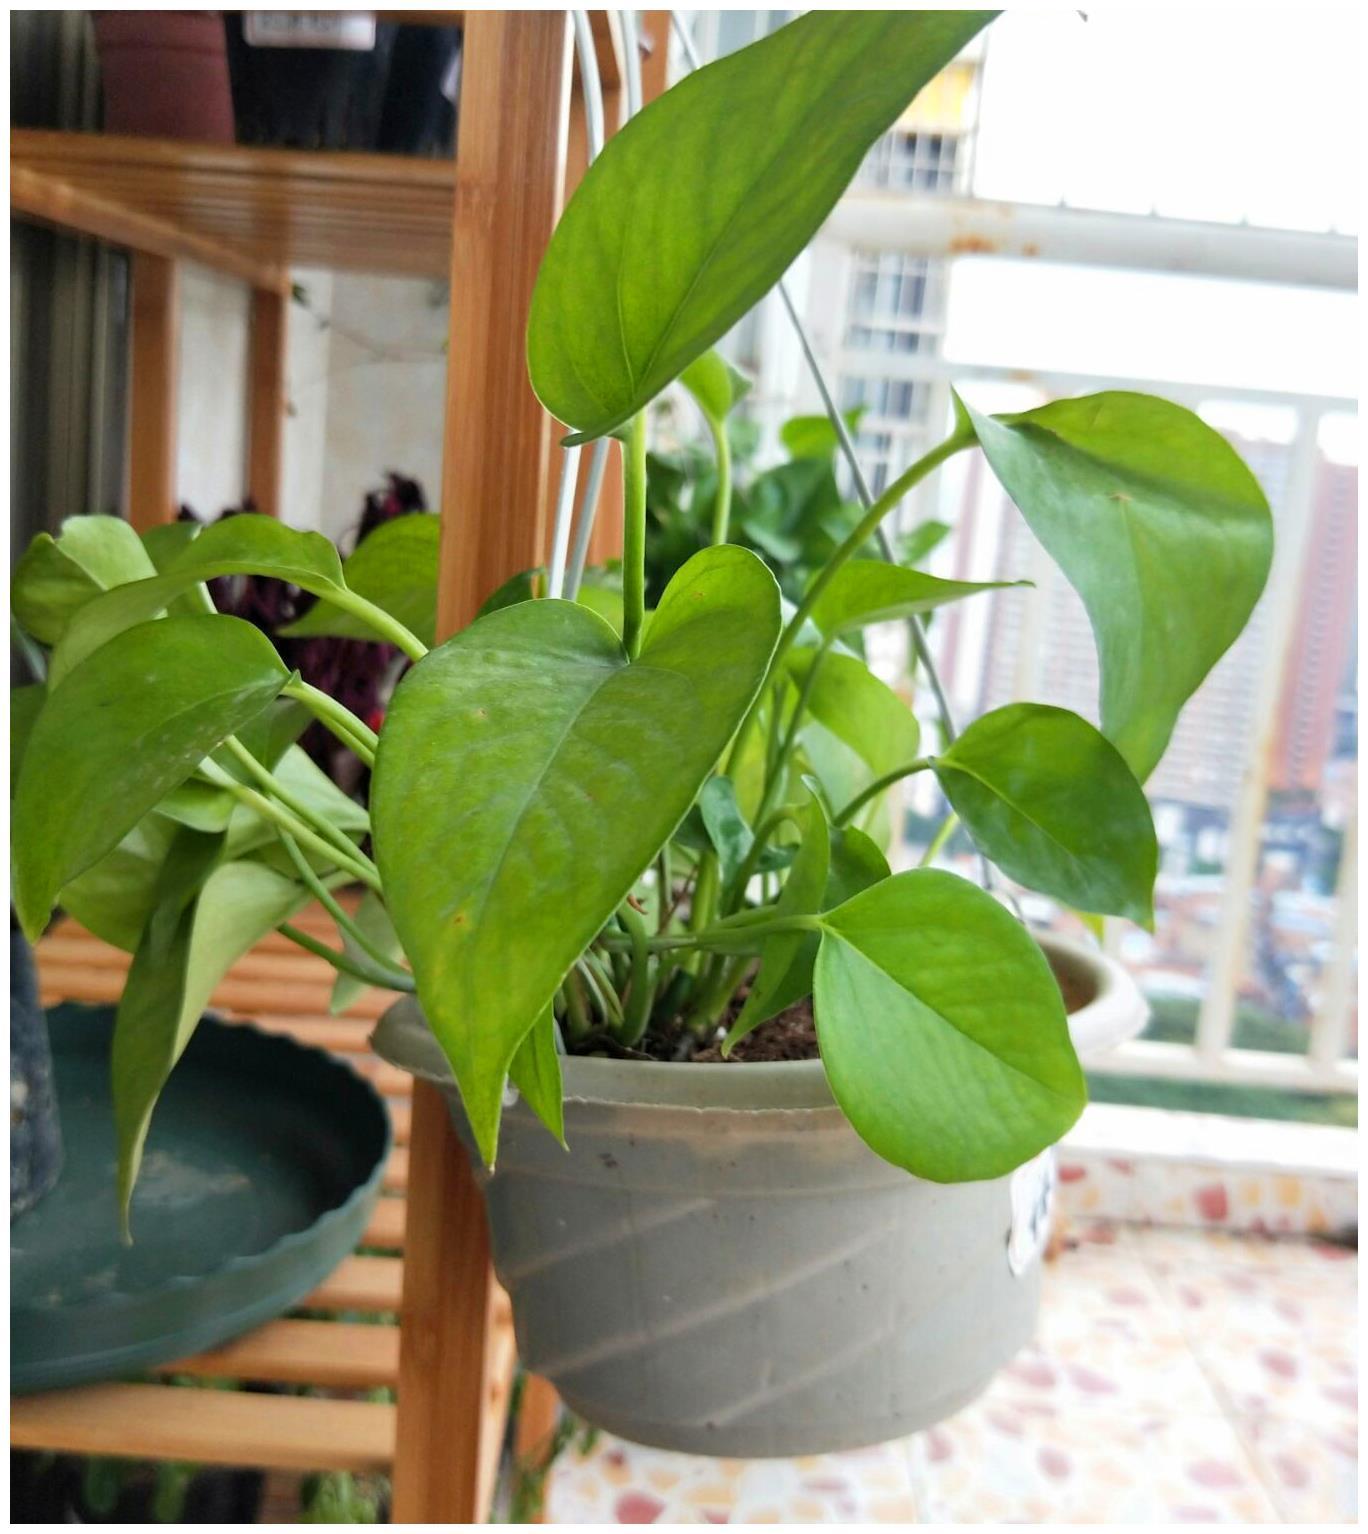 绿萝为什么不长大?盘点影响绿萝生长的3大因素!